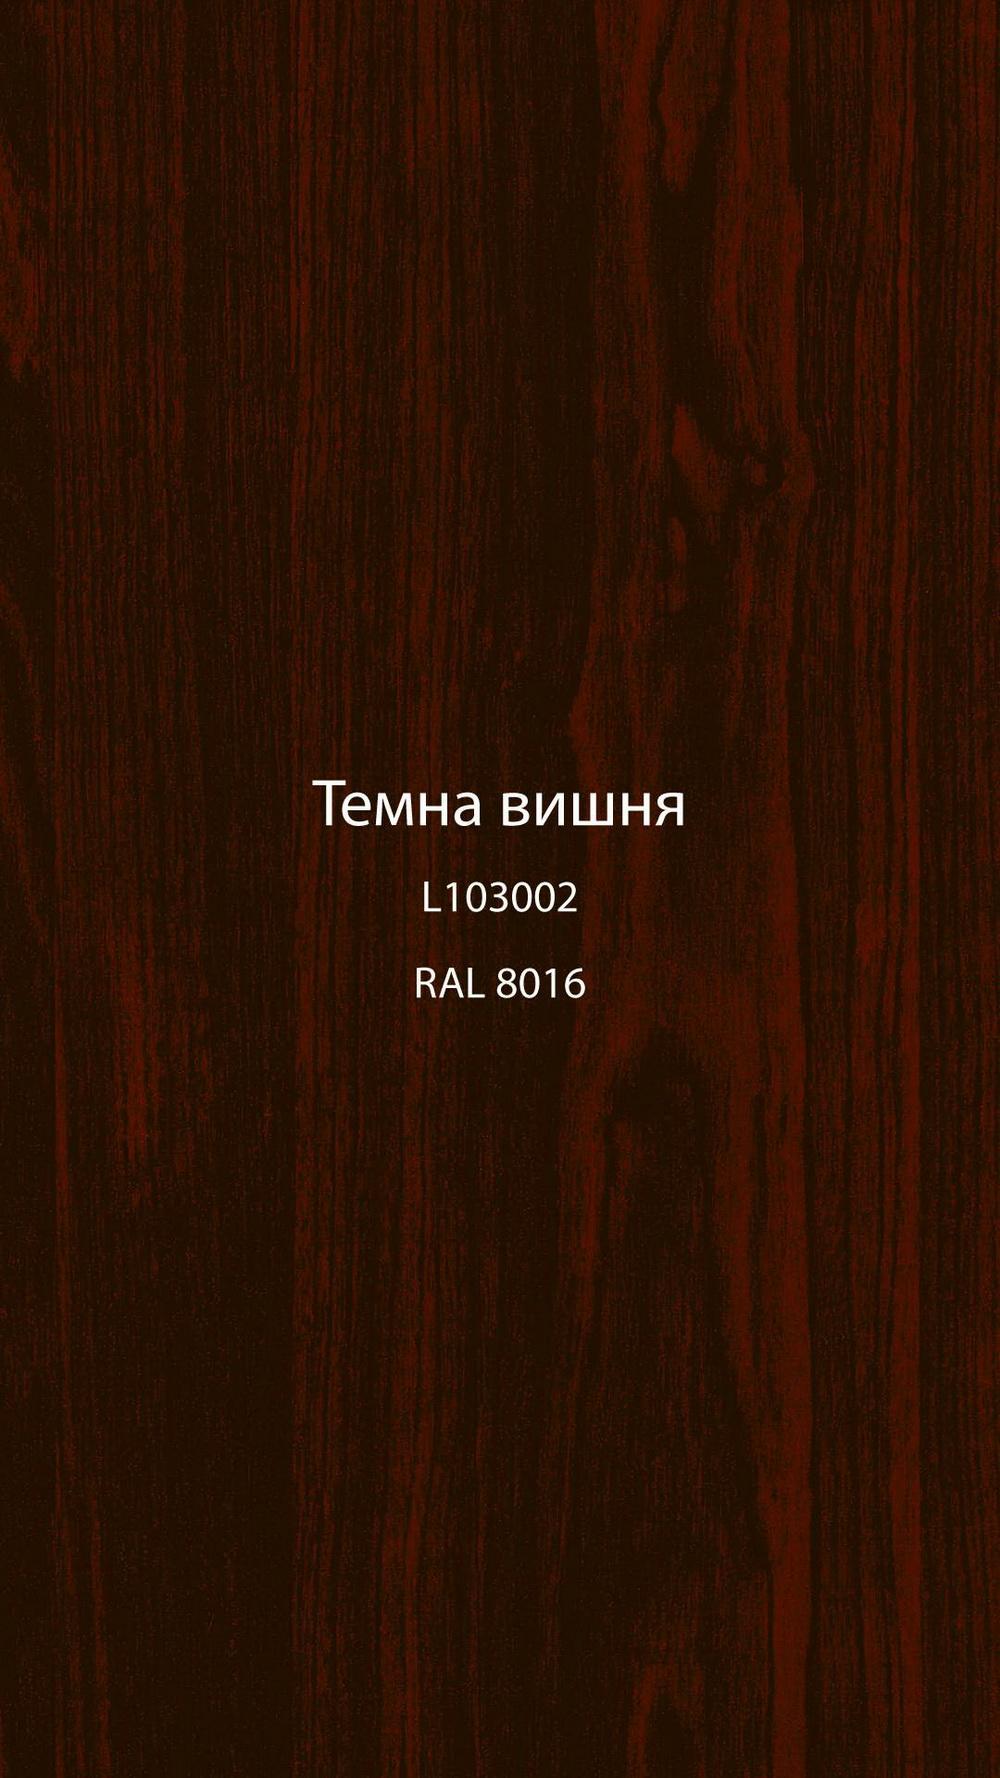 Темна вишня - колір ламінації профілів заводу EKIPAZH